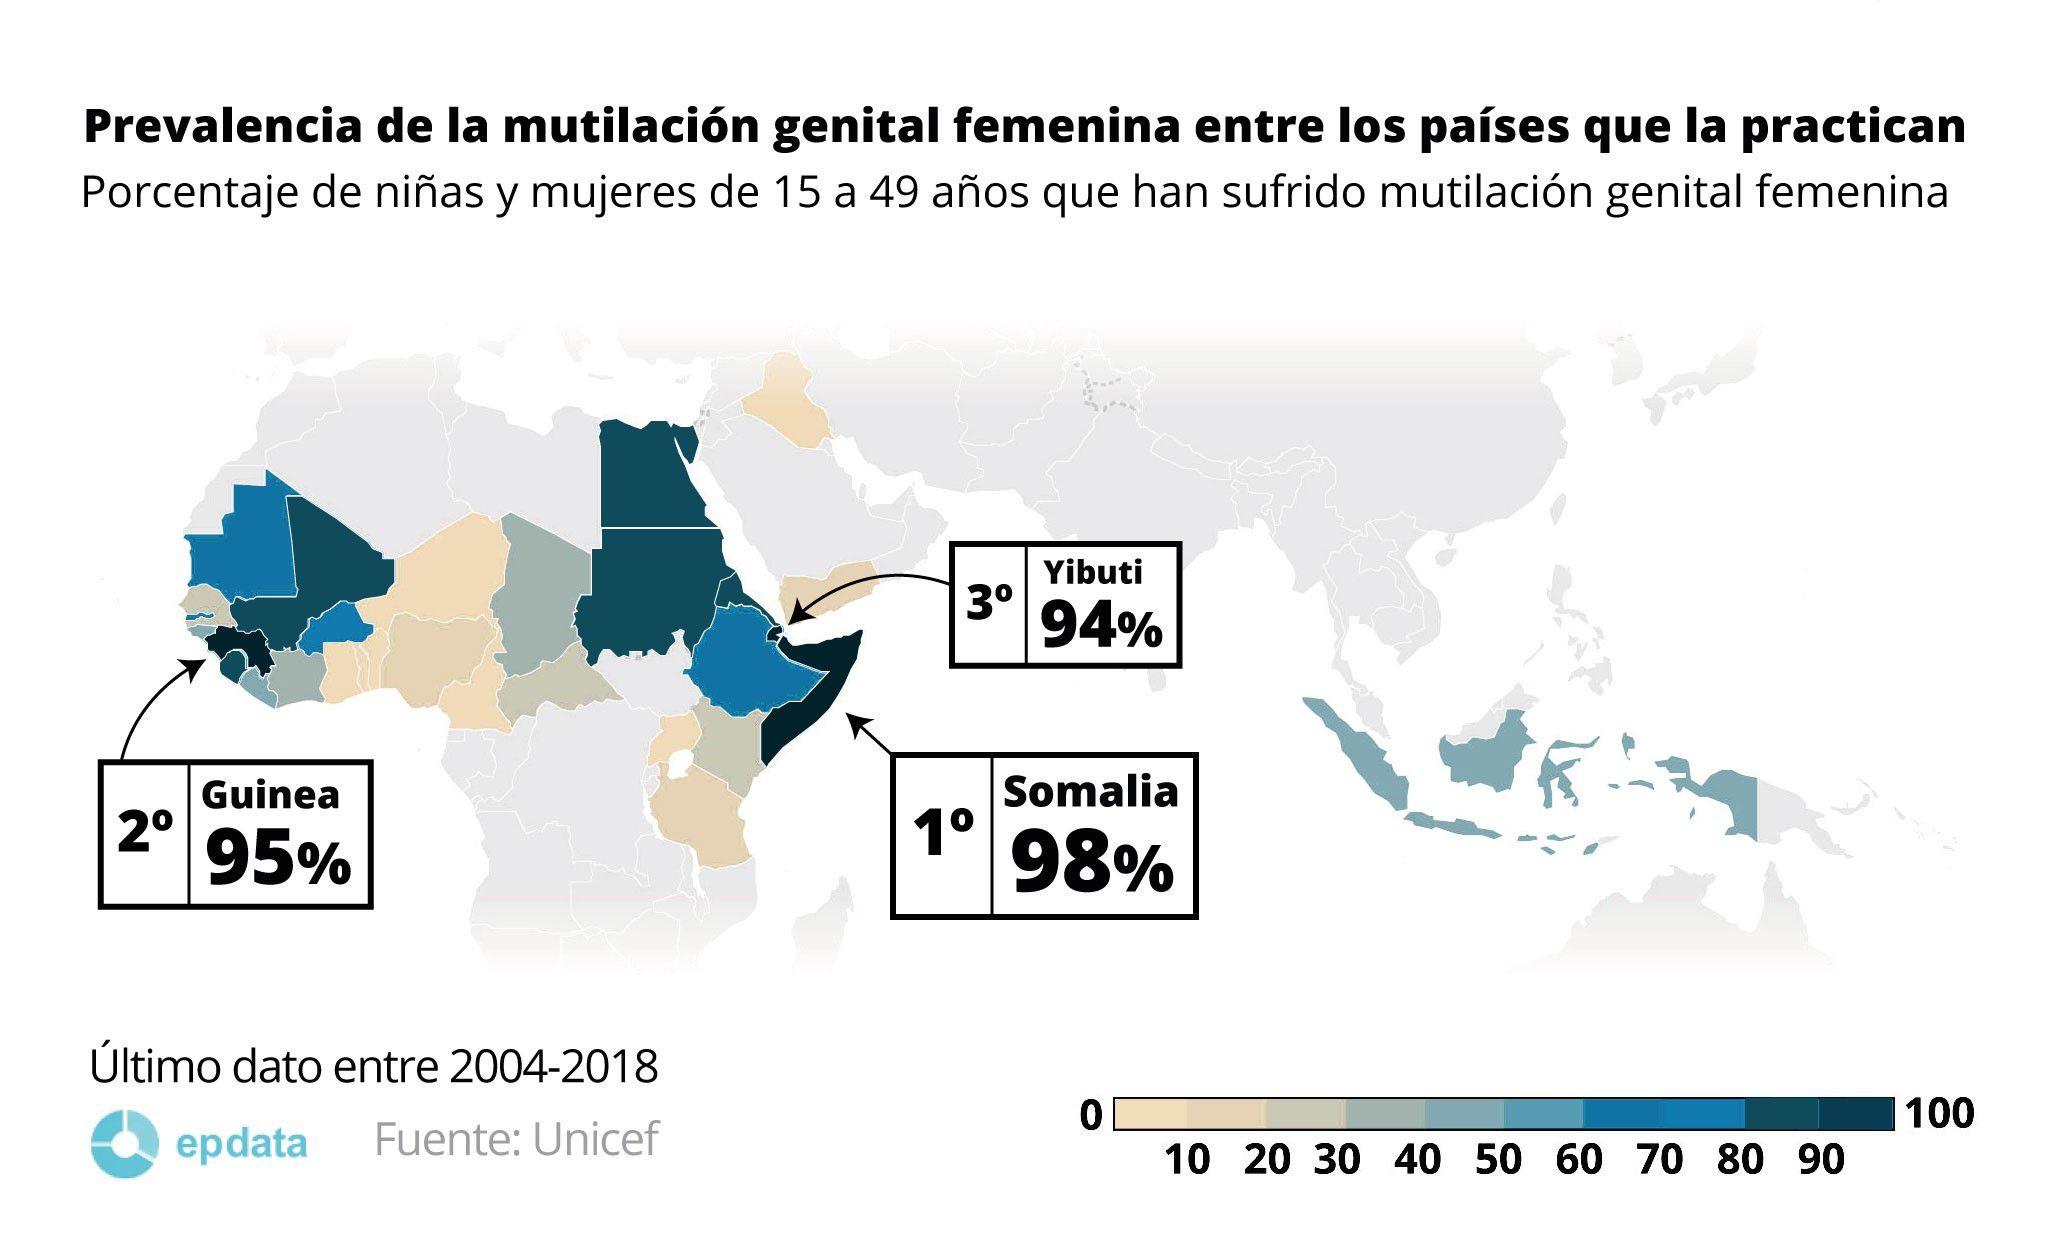 05/02/2021 EpData.- La mutilación genital femenina en el mundo, en datos y gráficos.    POLITICA EUROPA ESPAÑA SOCIEDAD EPDATA